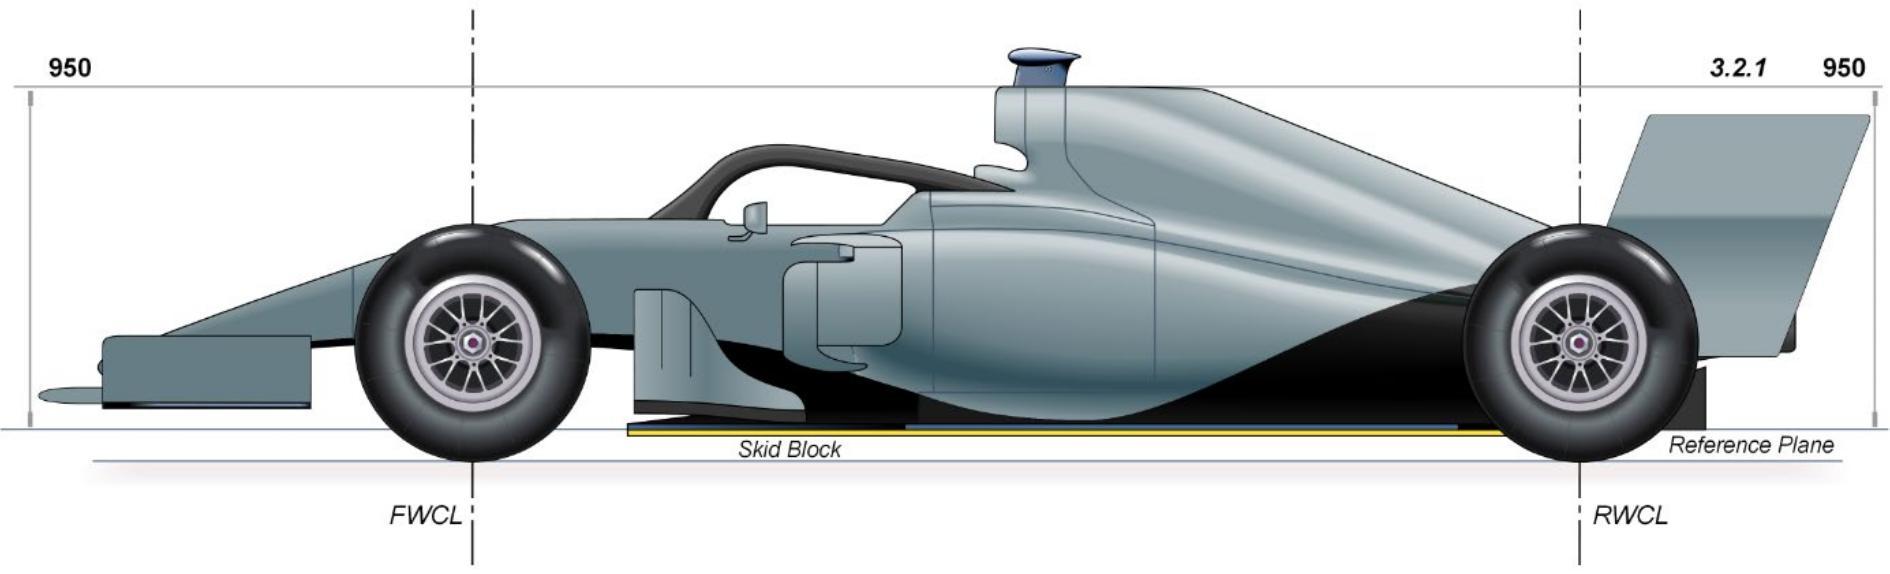 F1 normativa alerón